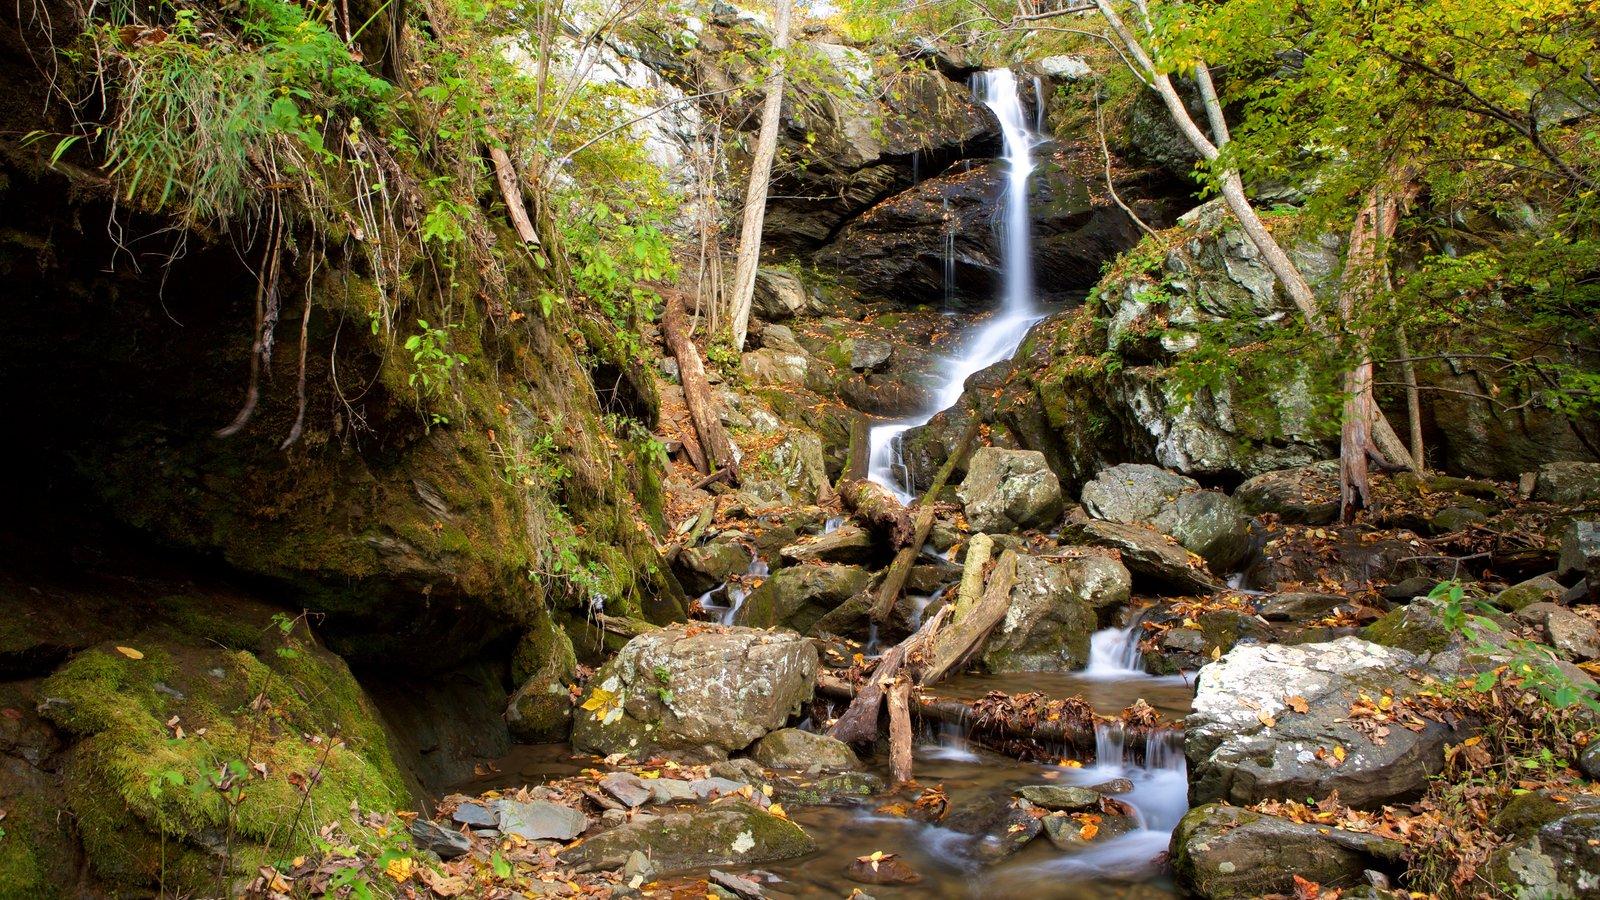 Parque Nacional Shenandoah que incluye un río o arroyo, montañas y una cascada